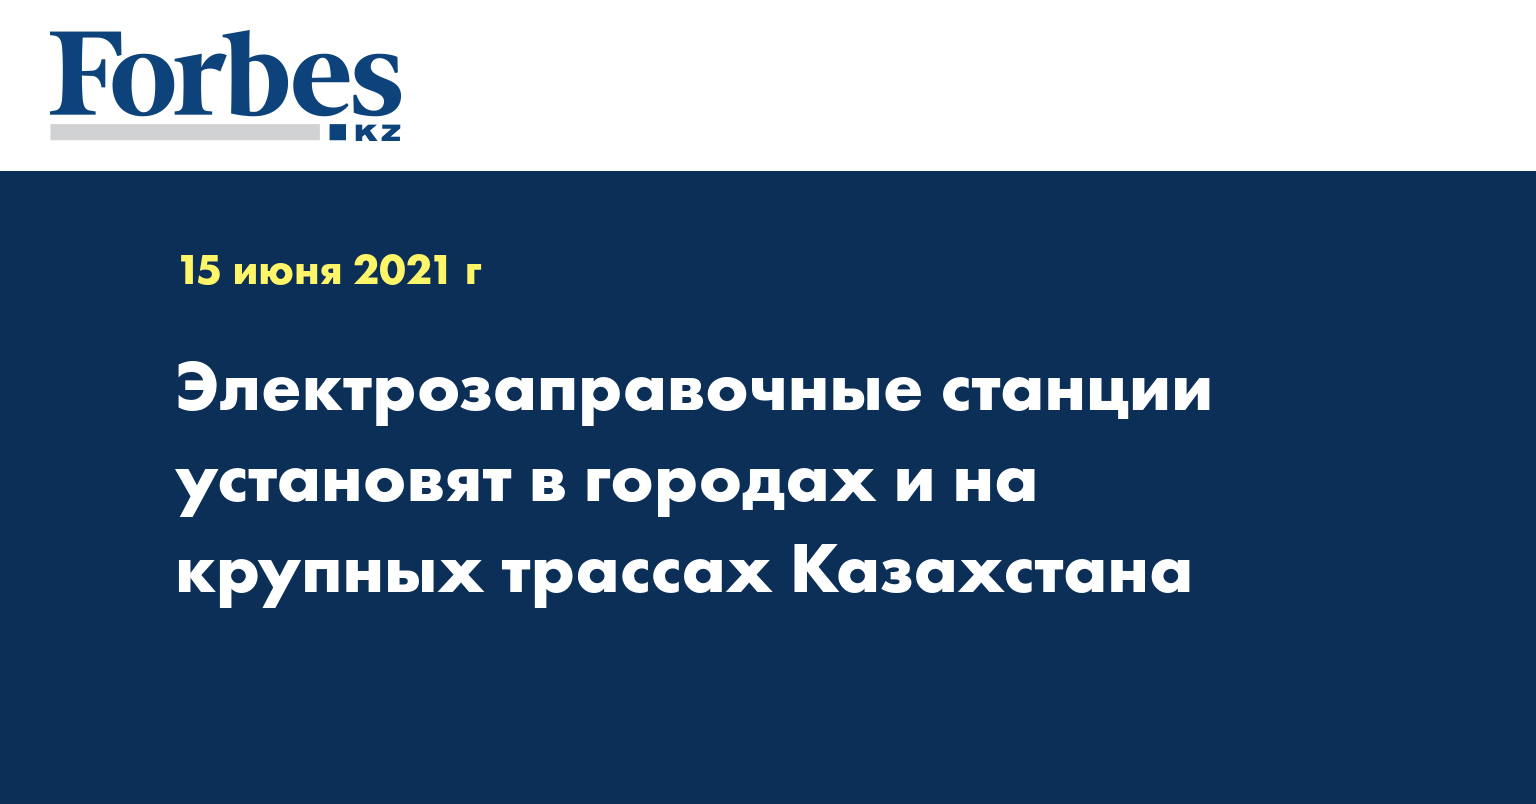 Электрозаправочные станции установят в городах и на крупных трассах Казахстана